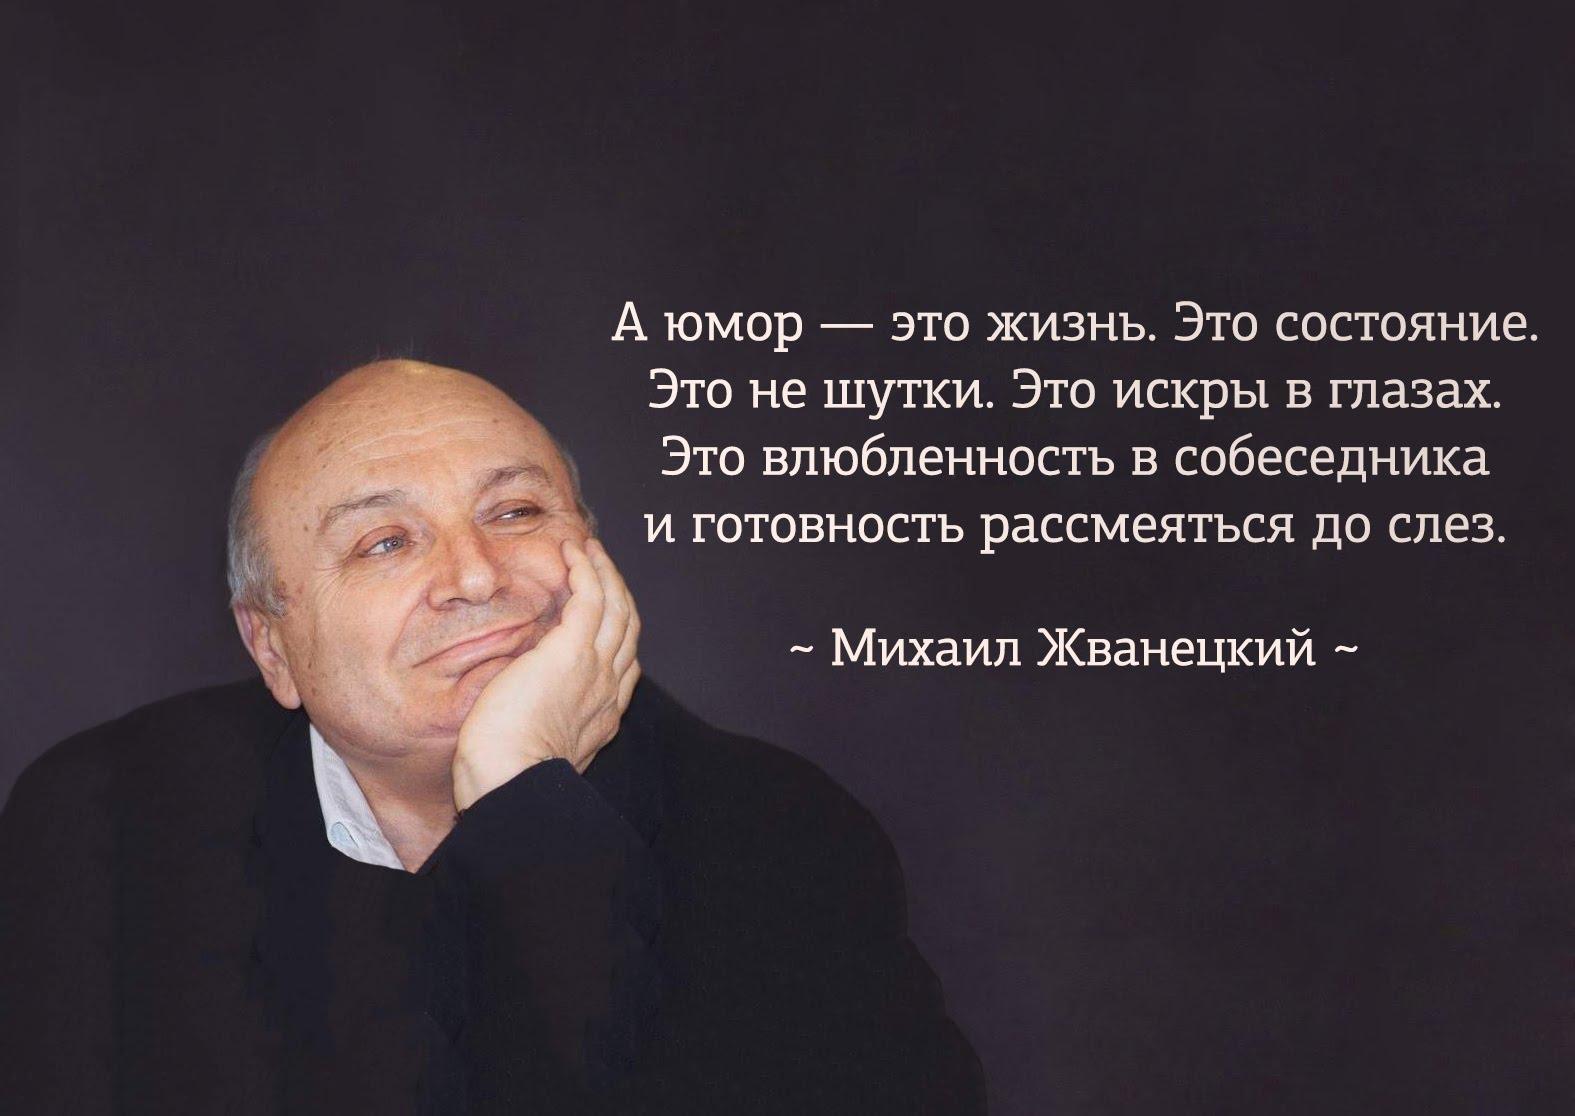 Великий и могучий одессит Михаил Жванецкий — остро о жизни. Читаем и делаем выводы